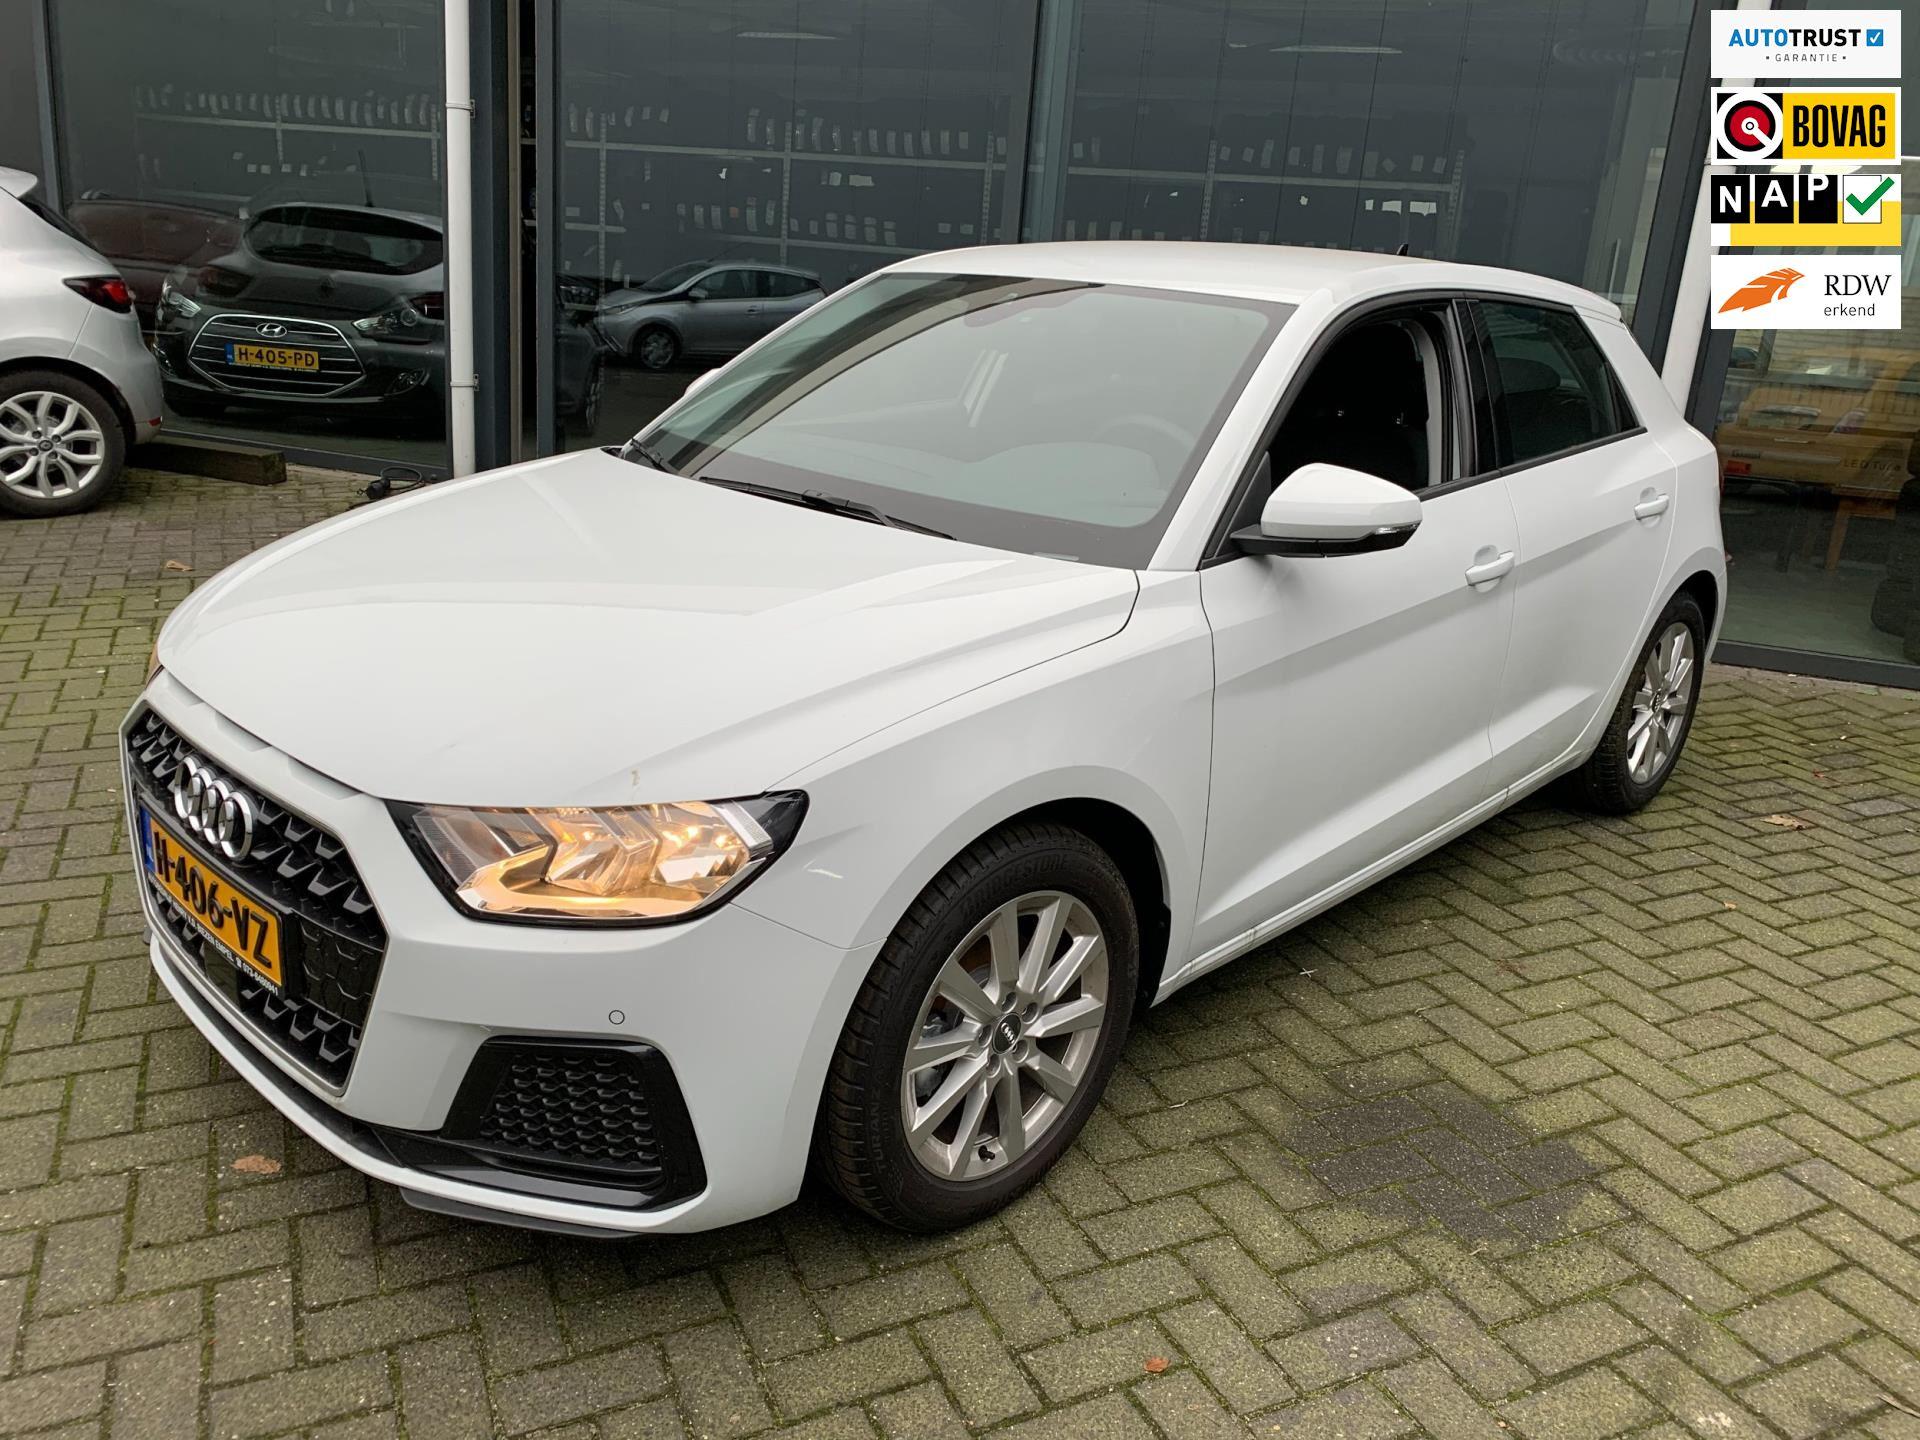 Audi A1 Sportback occasion - Autobedrijf Henry v.d. Biezen